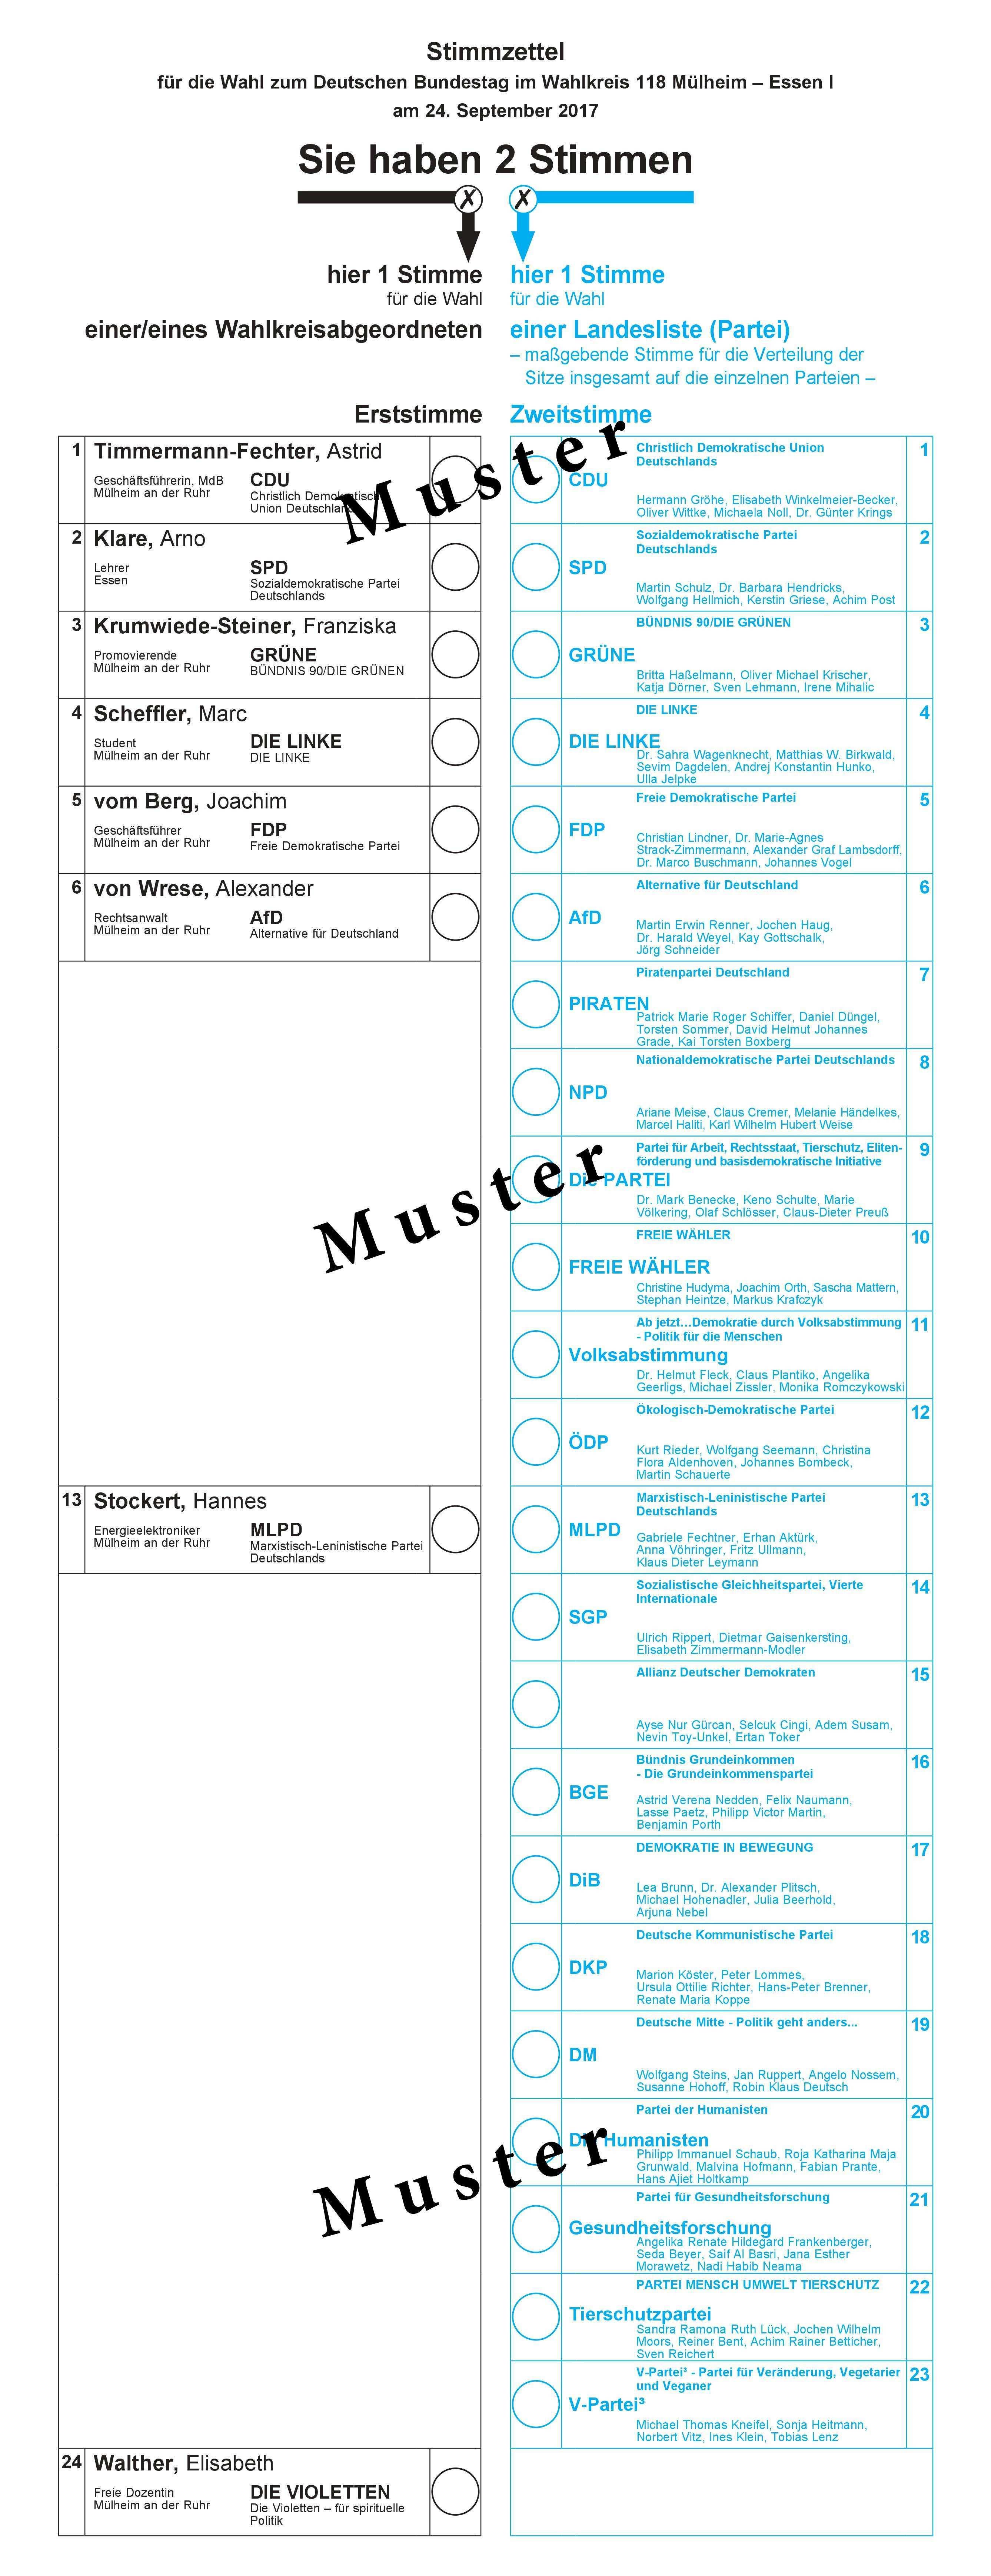 Datei Stimmzettel Bundestagswahl 2017 Wahlkreis 118 Jpg Wikipedia